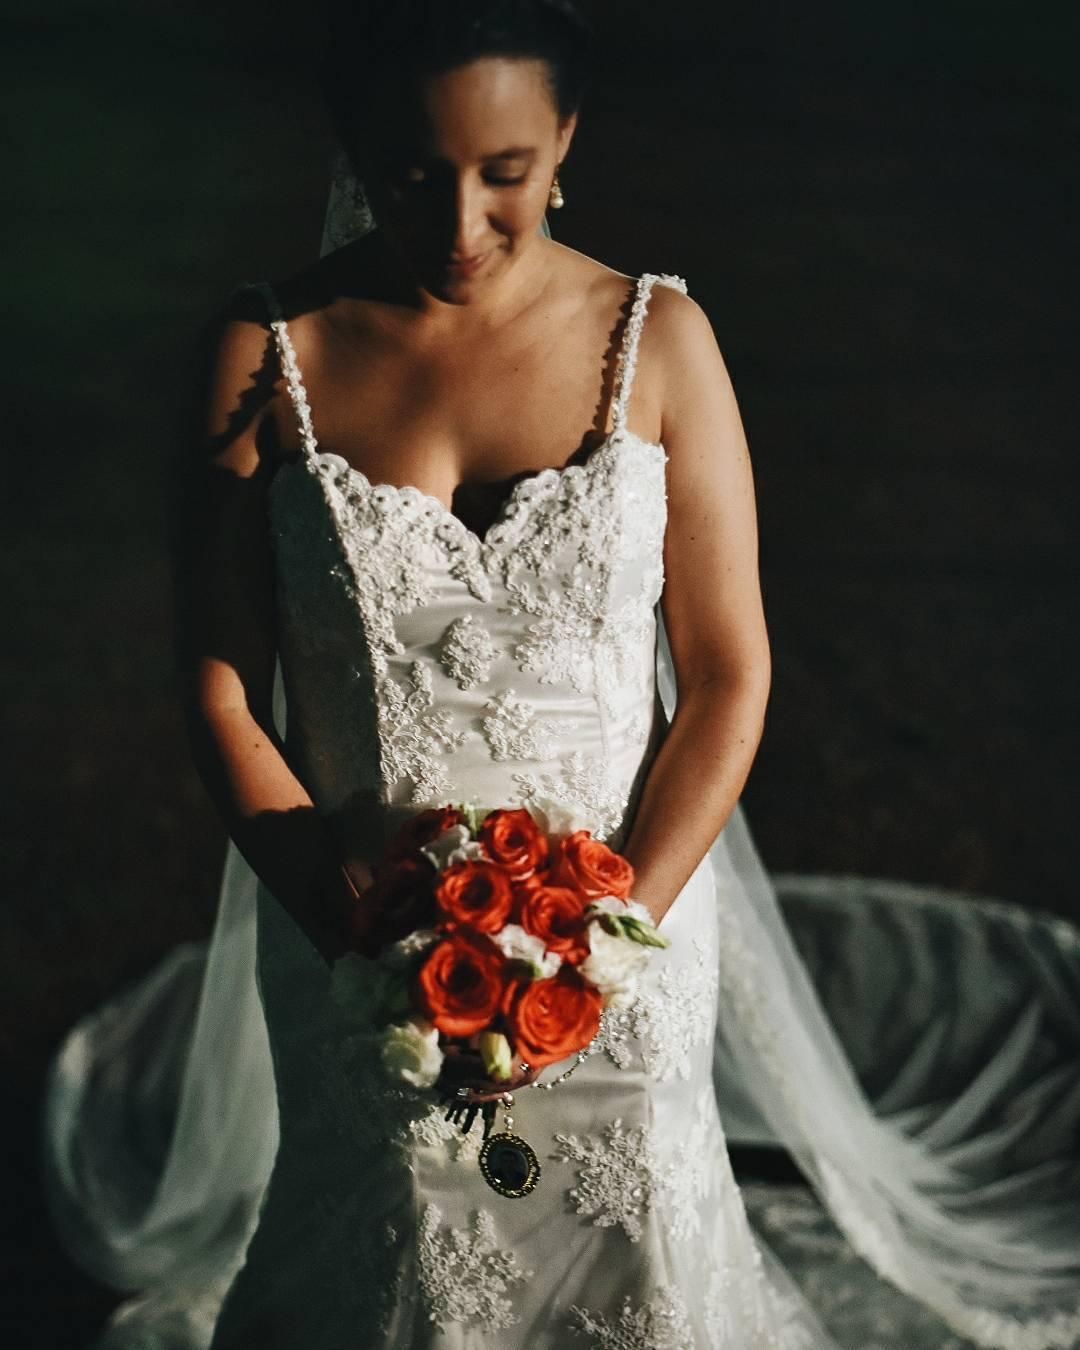 Какое надо выбрать время для начала свадьбы?